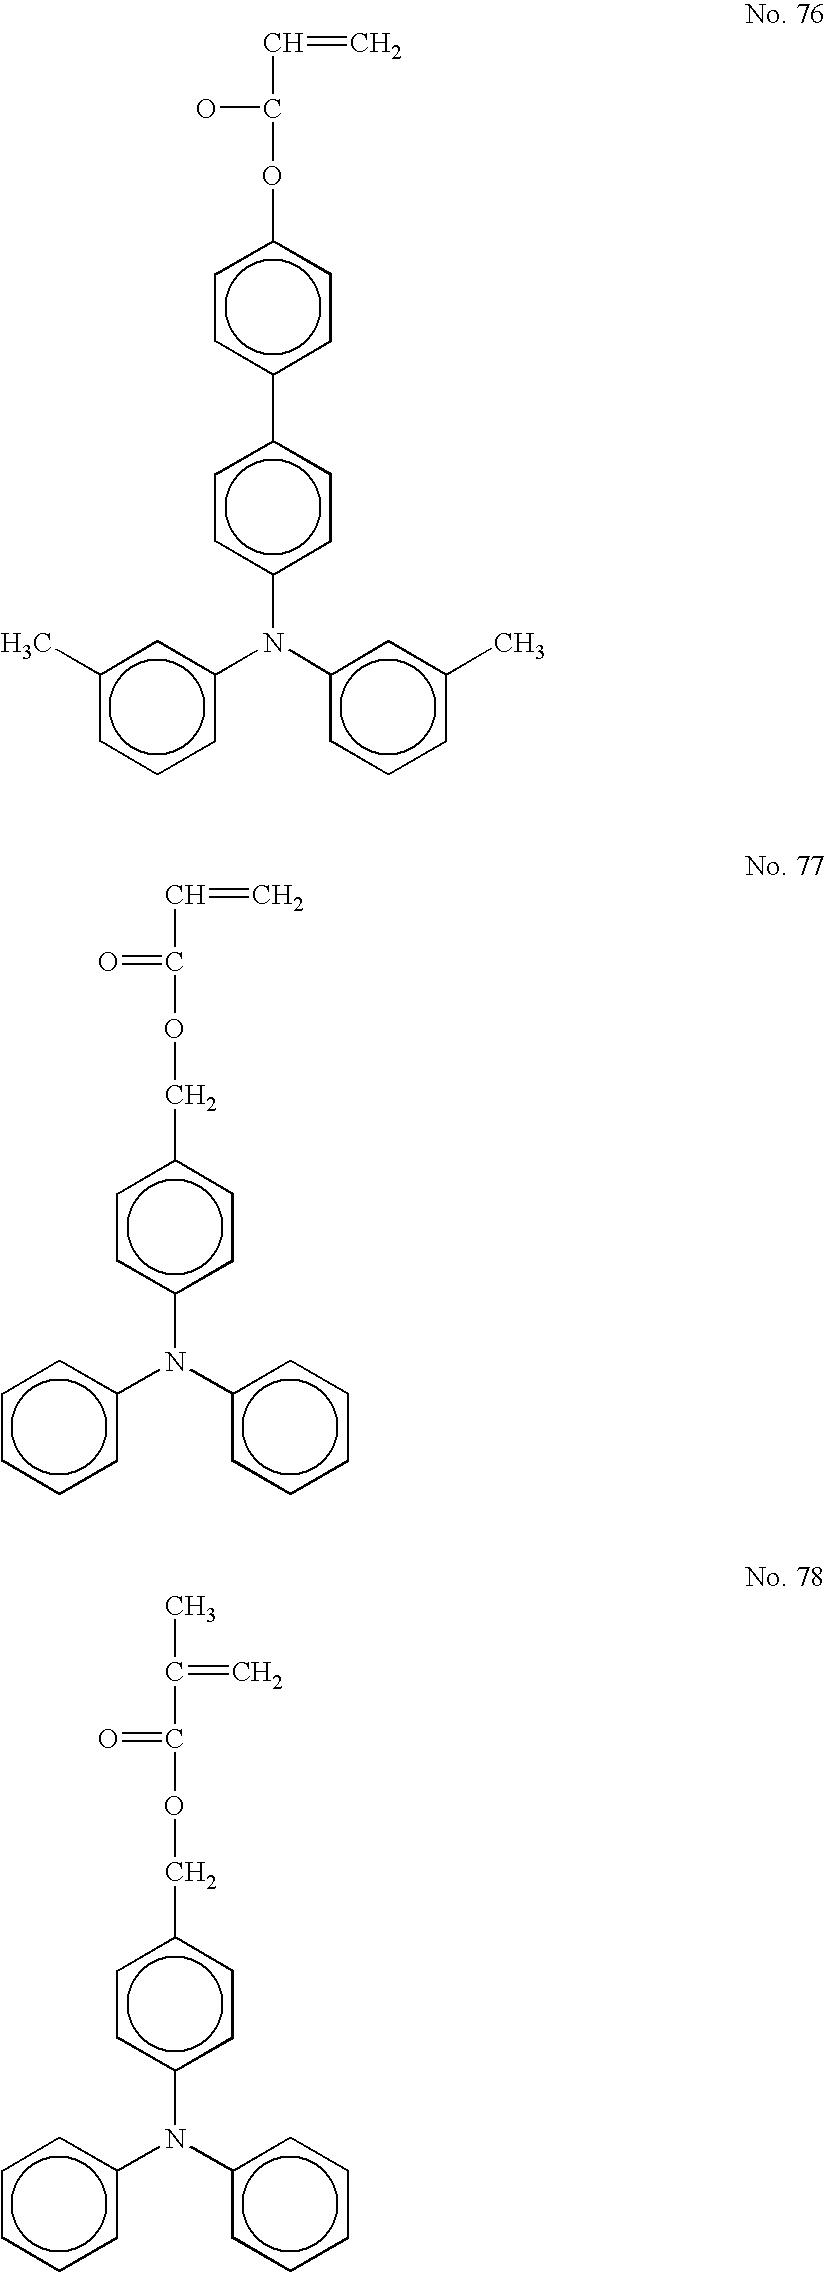 Figure US20050175911A1-20050811-C00027